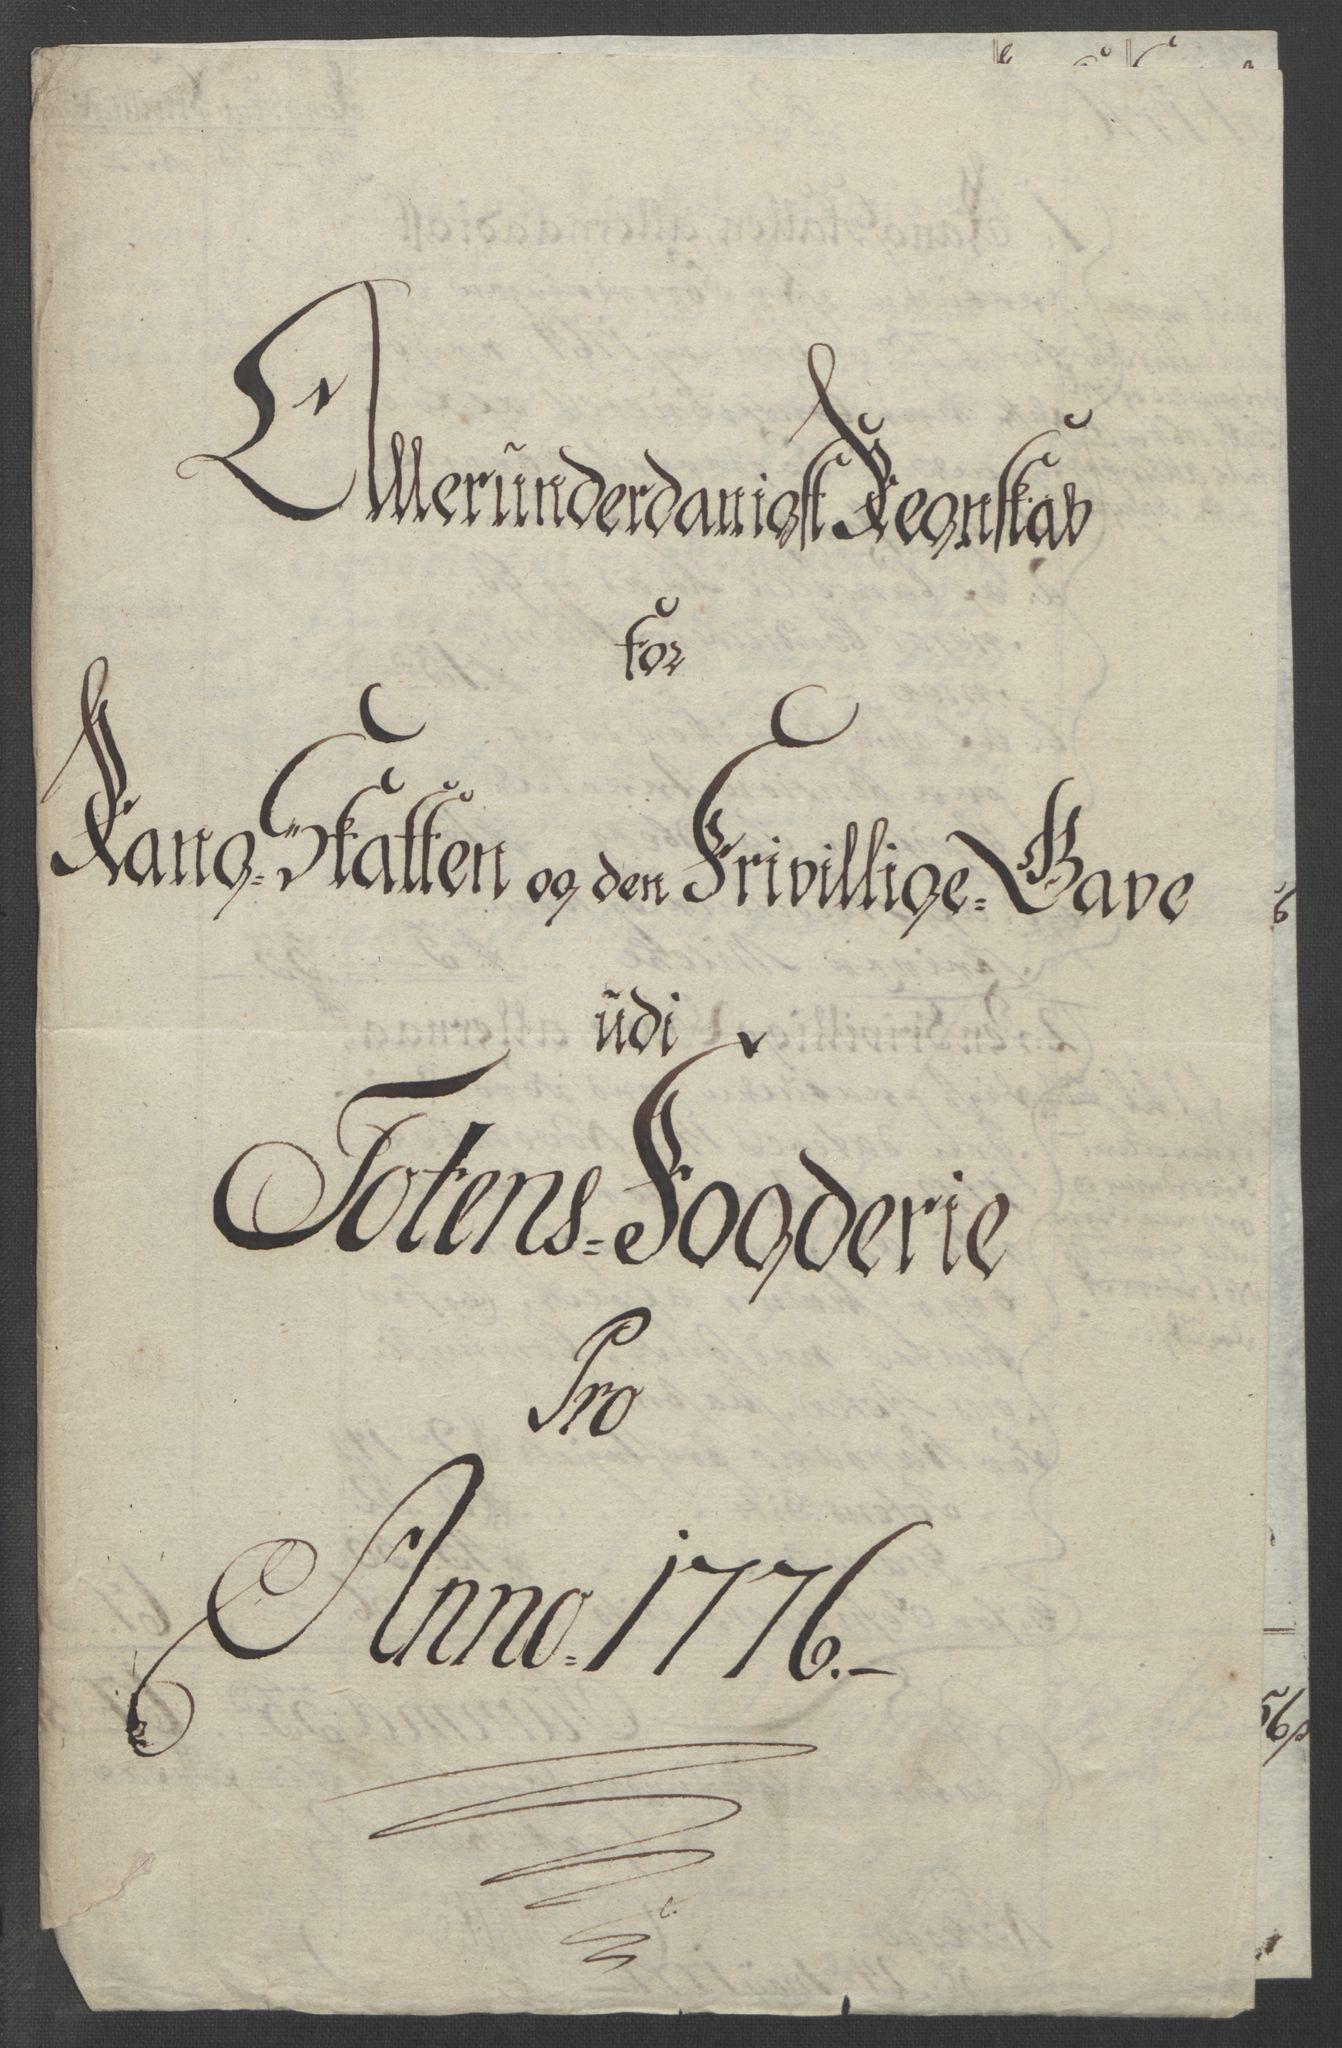 RA, Rentekammeret inntil 1814, Reviderte regnskaper, Fogderegnskap, R19/L1399: Fogderegnskap Toten, Hadeland og Vardal, 1762-1783, s. 407